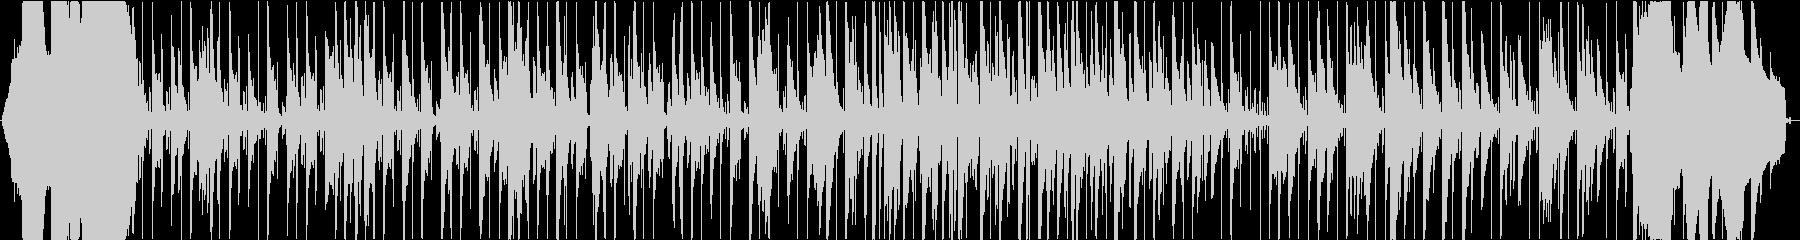 ピアノフォルテの雰囲気。リバースク...の未再生の波形